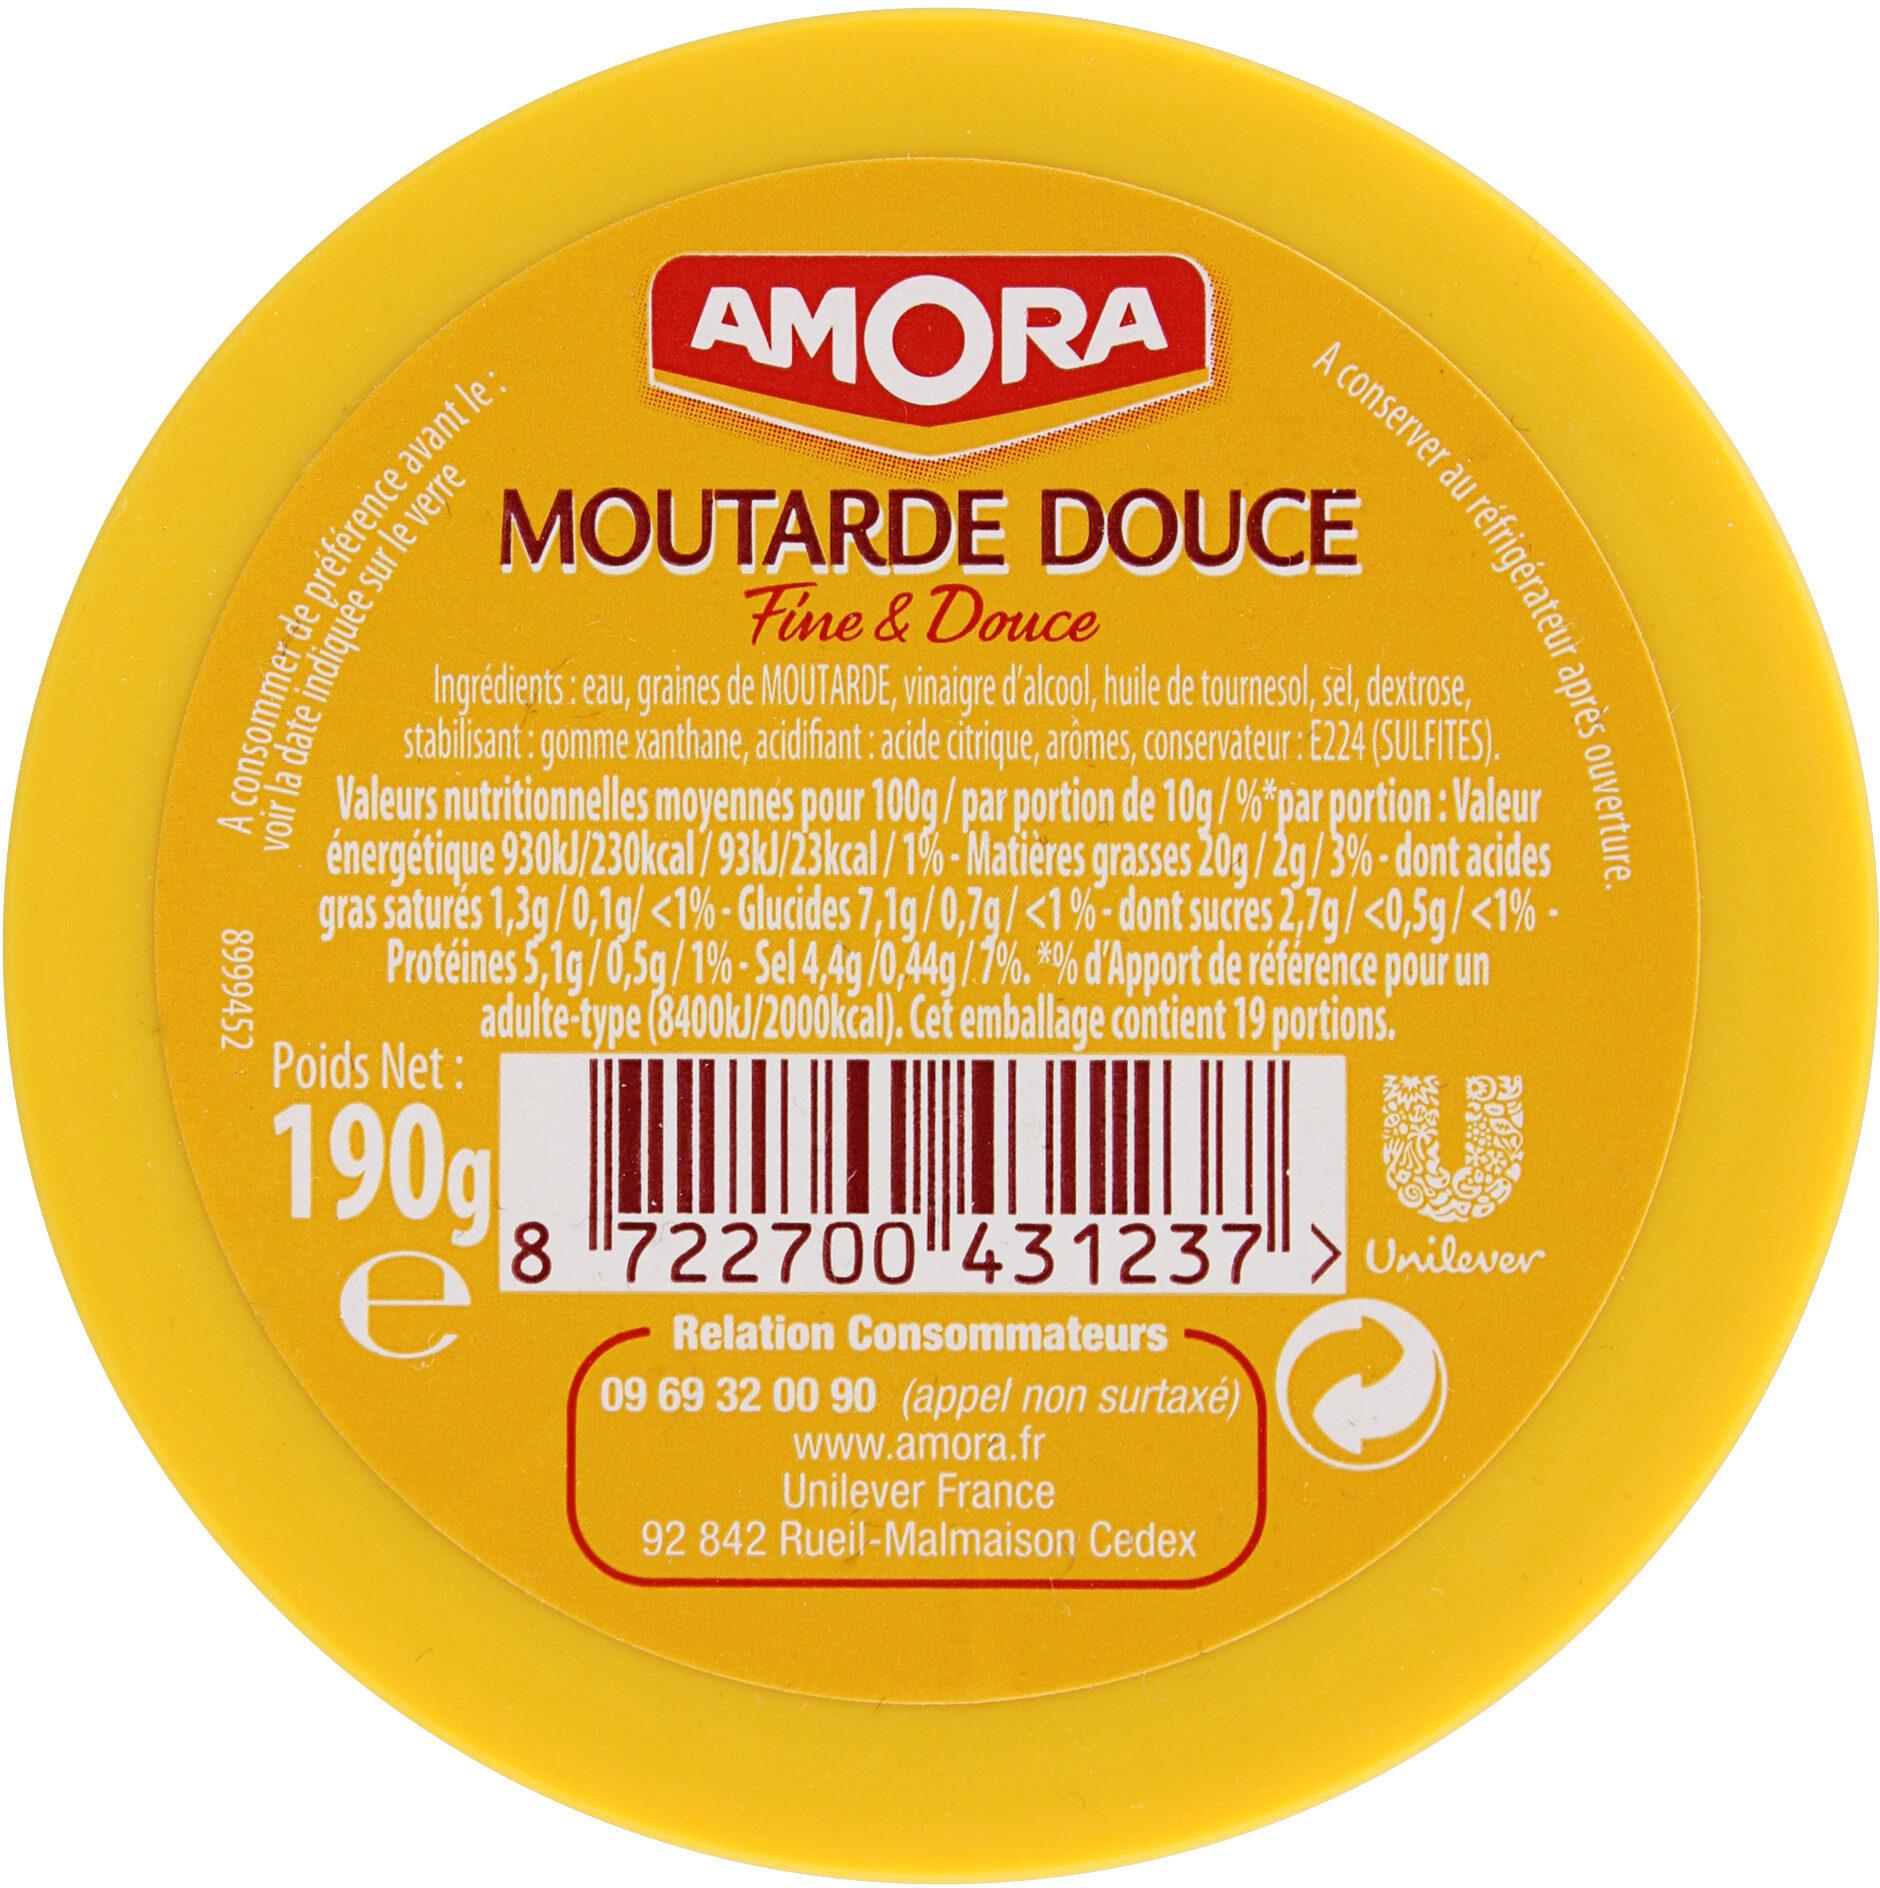 Amora Moutarde Douce Verre TV 190g - Ingredients - fr